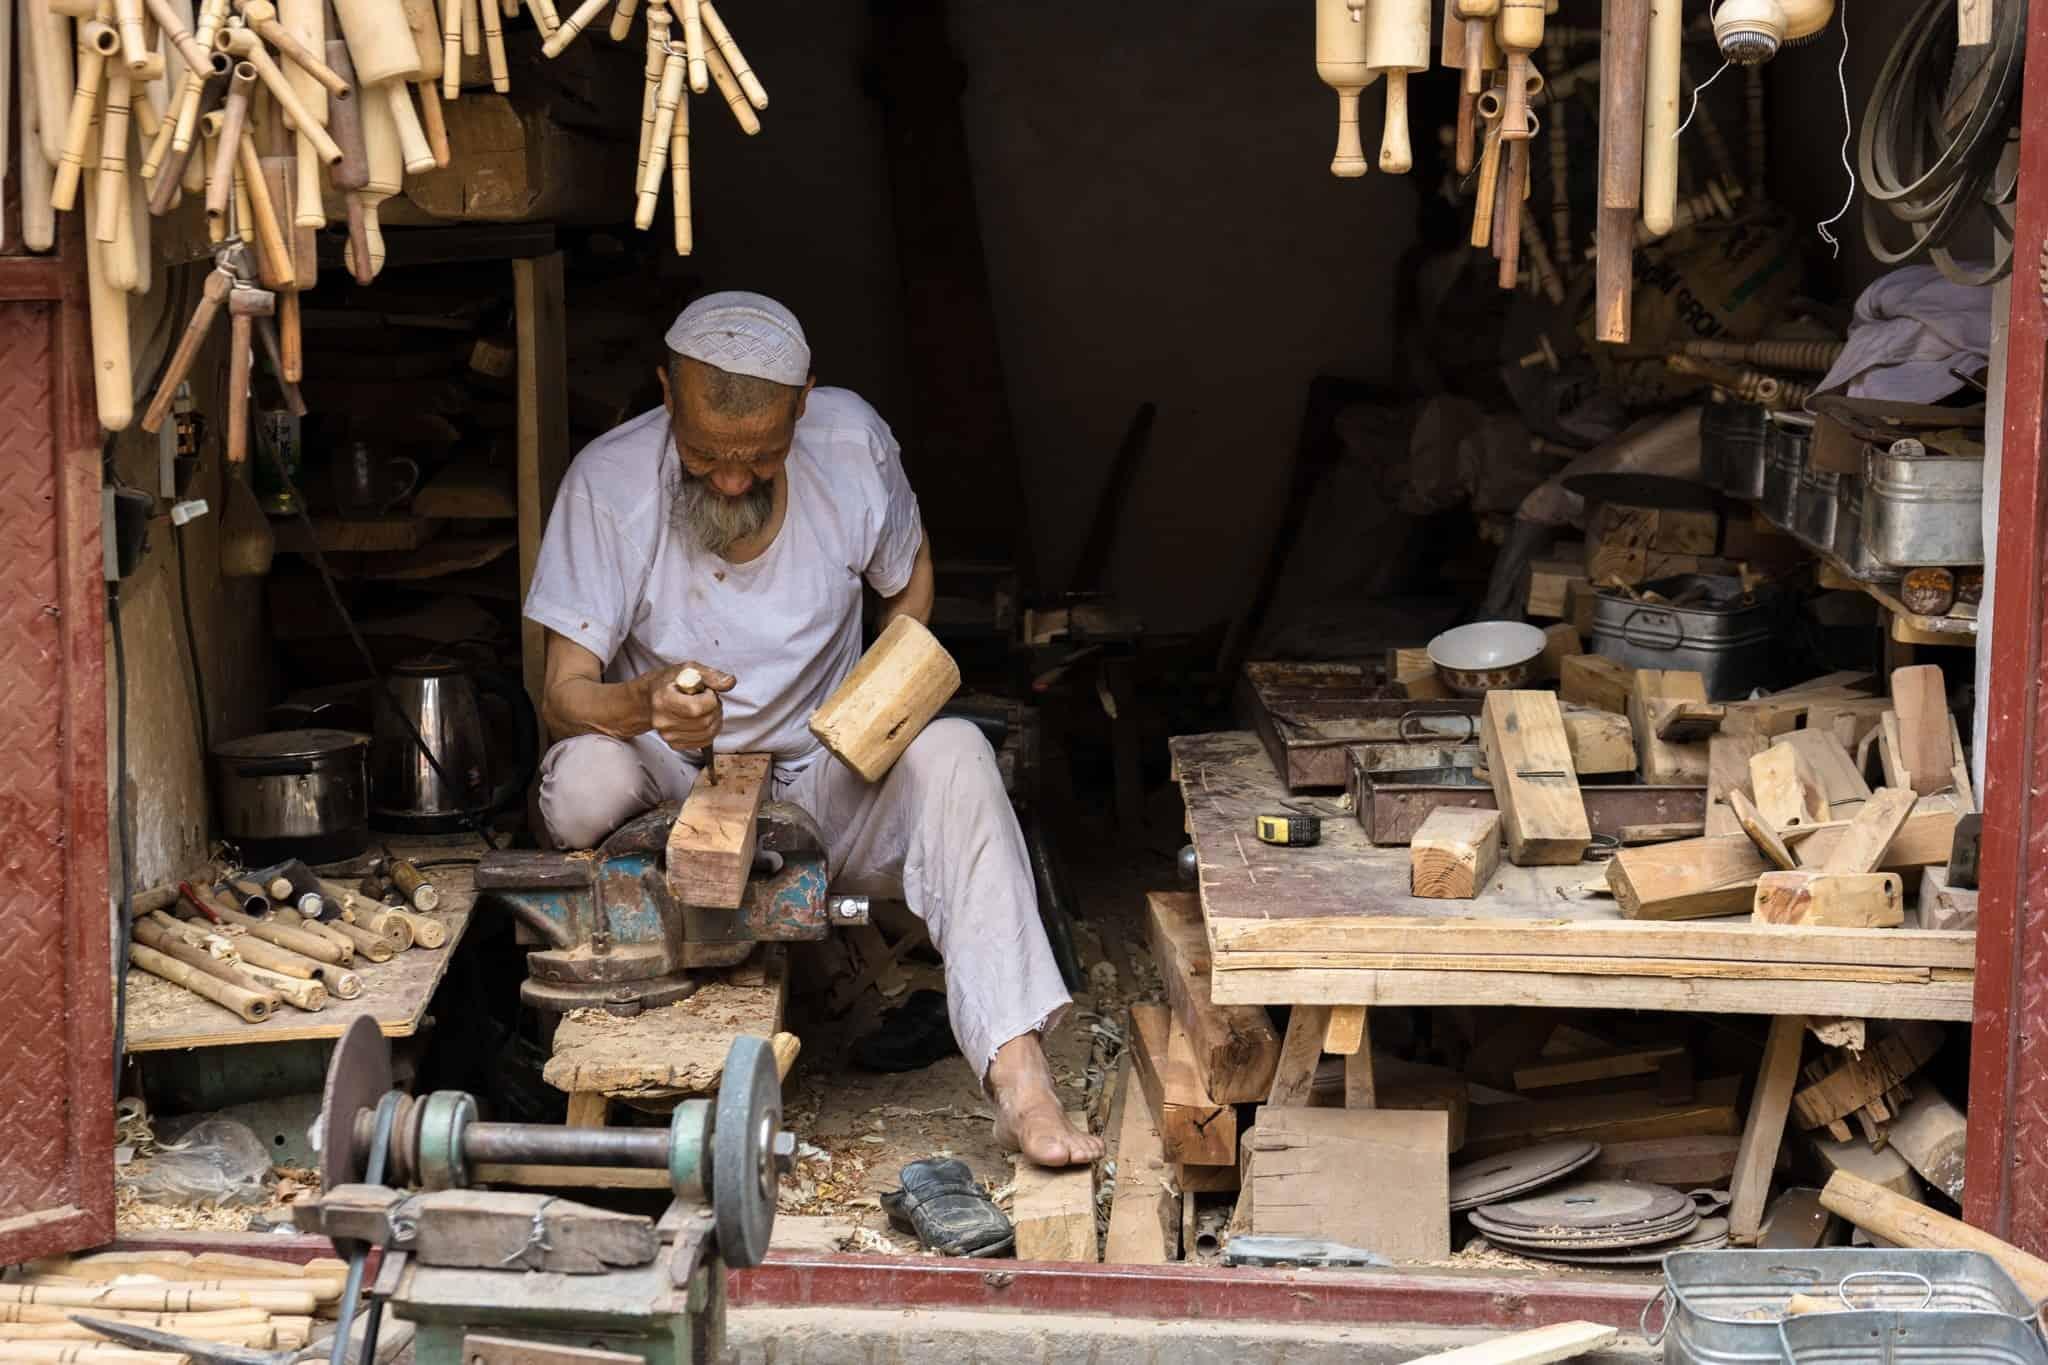 Workshop Kashgar Silk Road Photo Journey